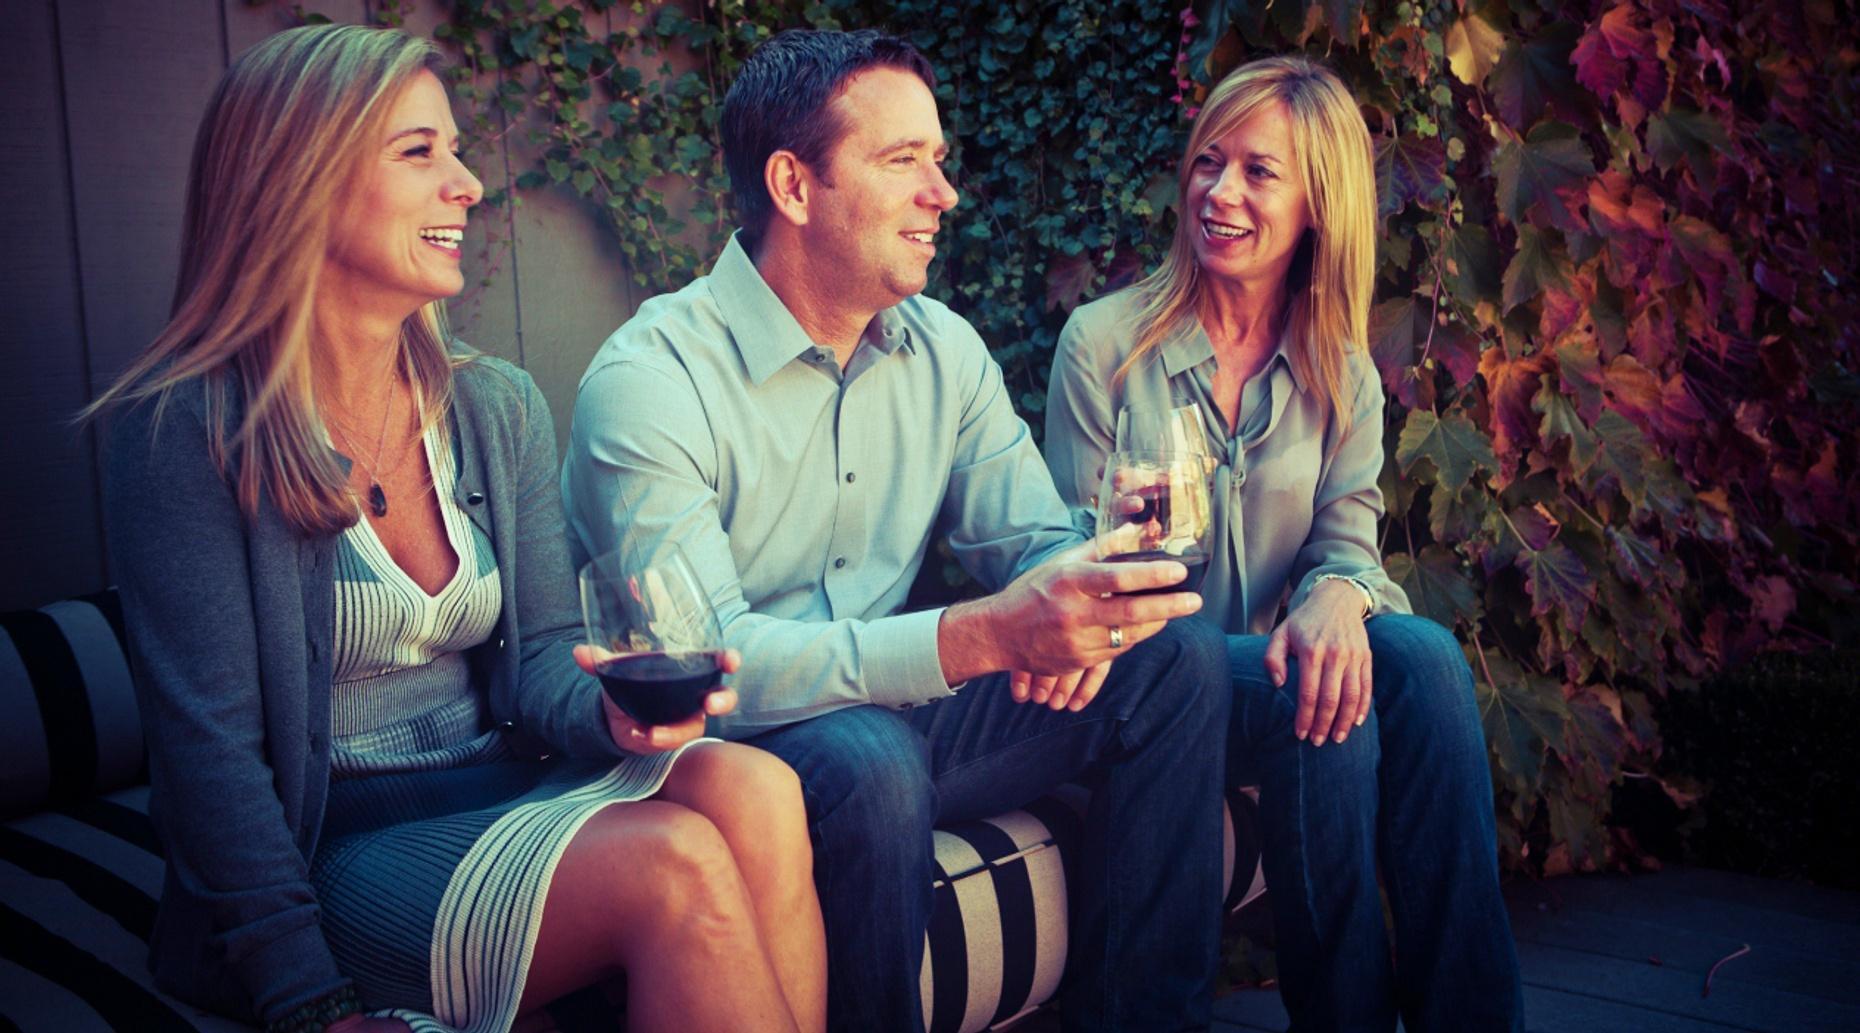 West Sonoma Wine Tasting